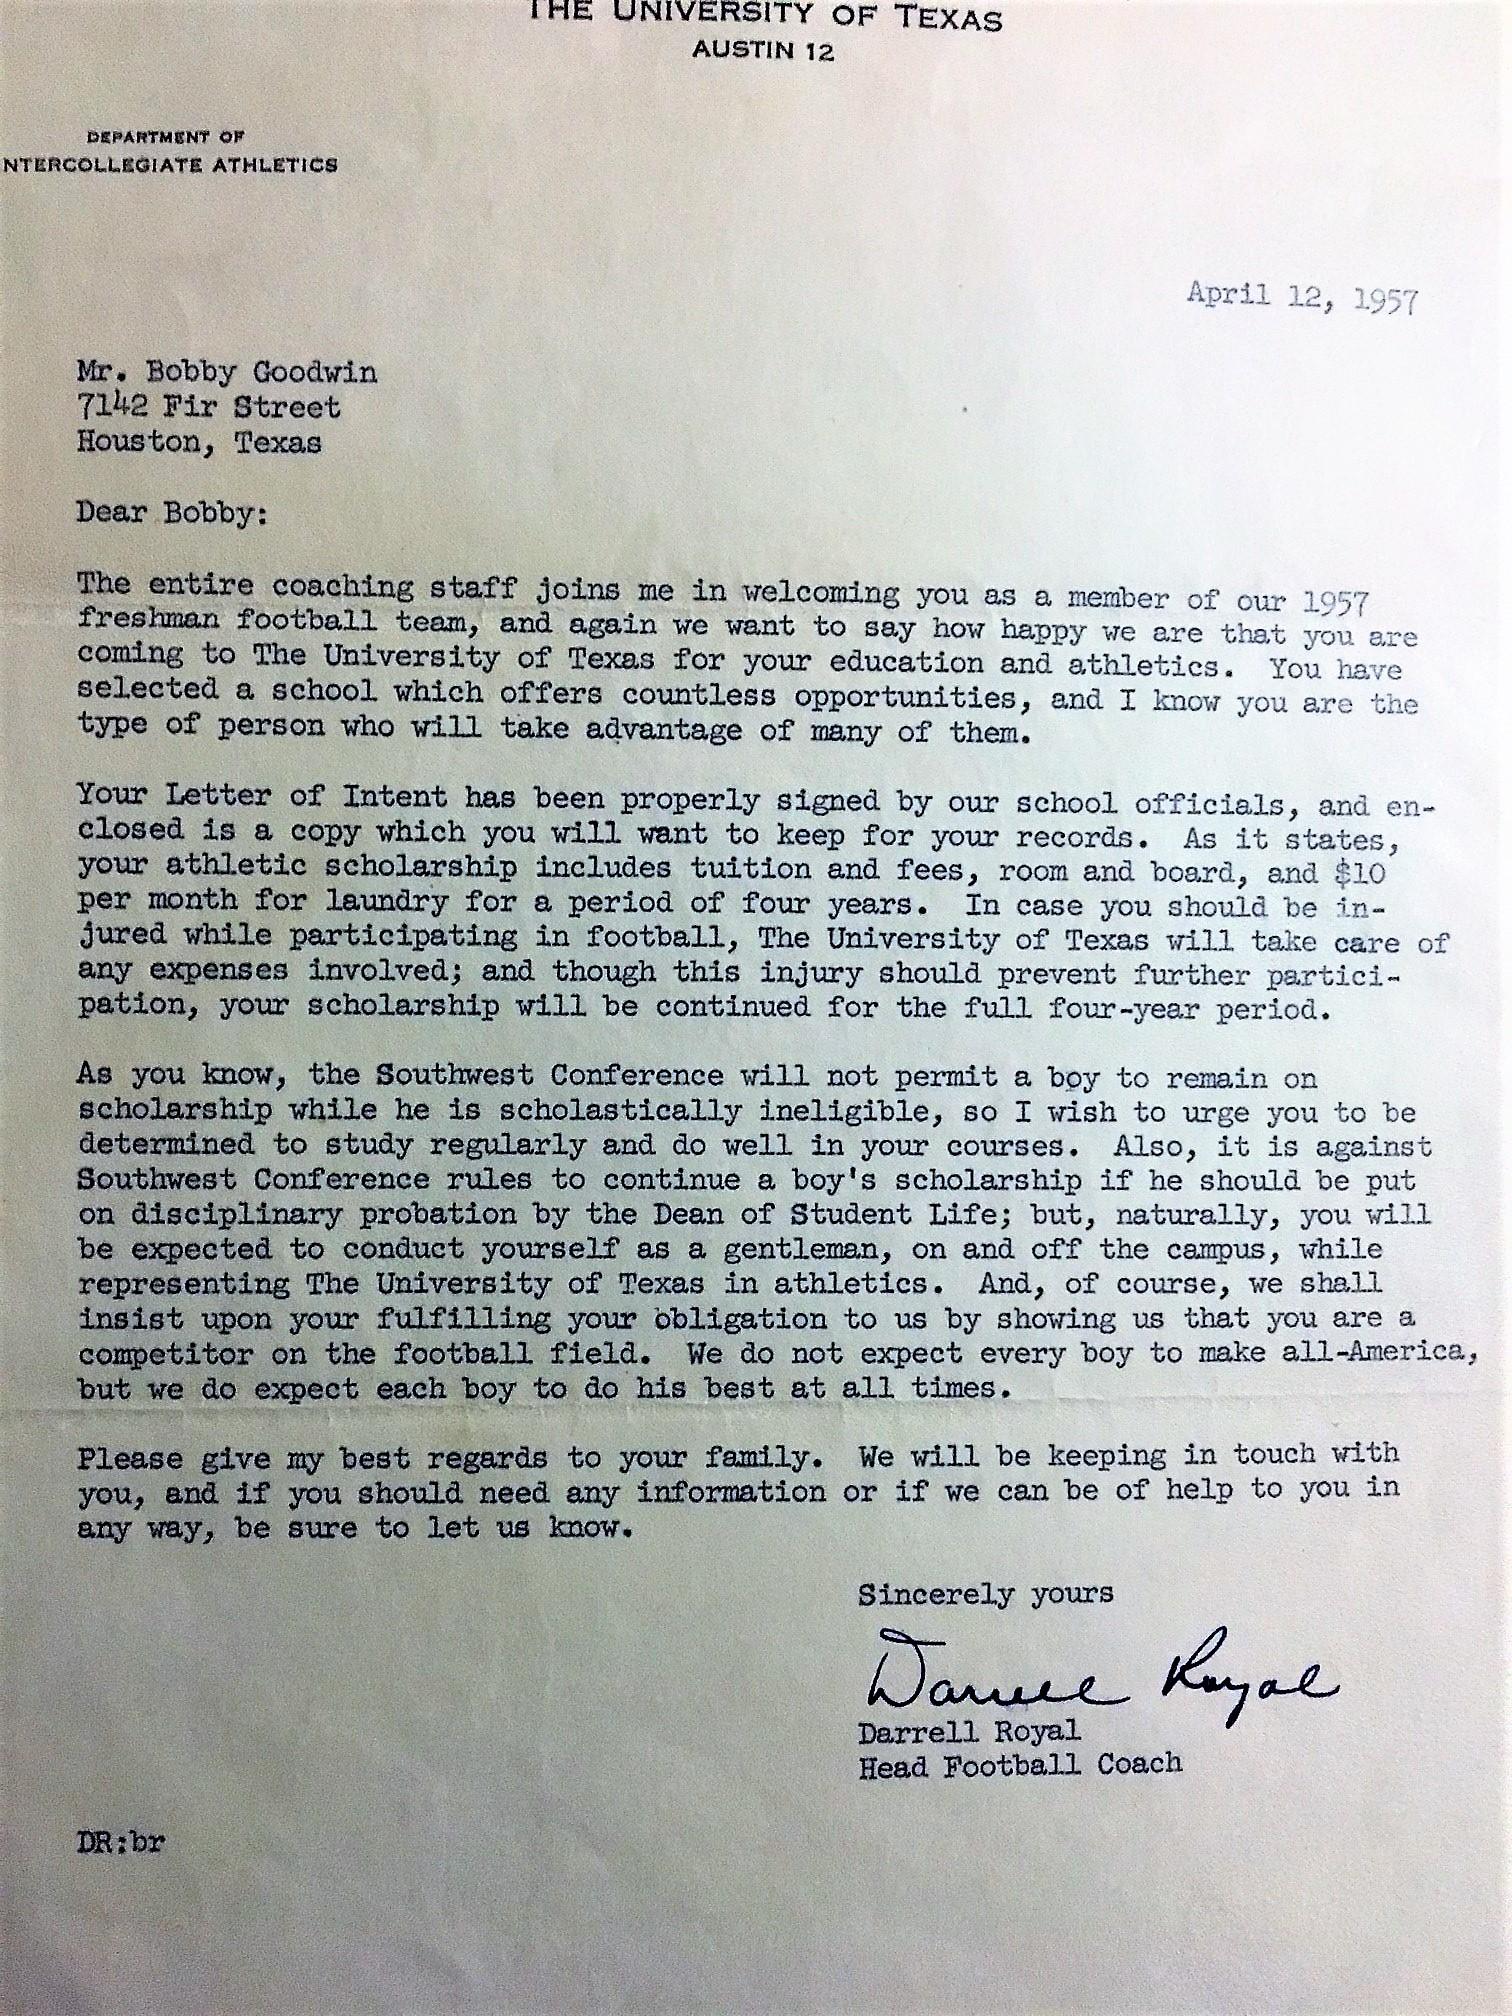 DKR letter (2).jpg